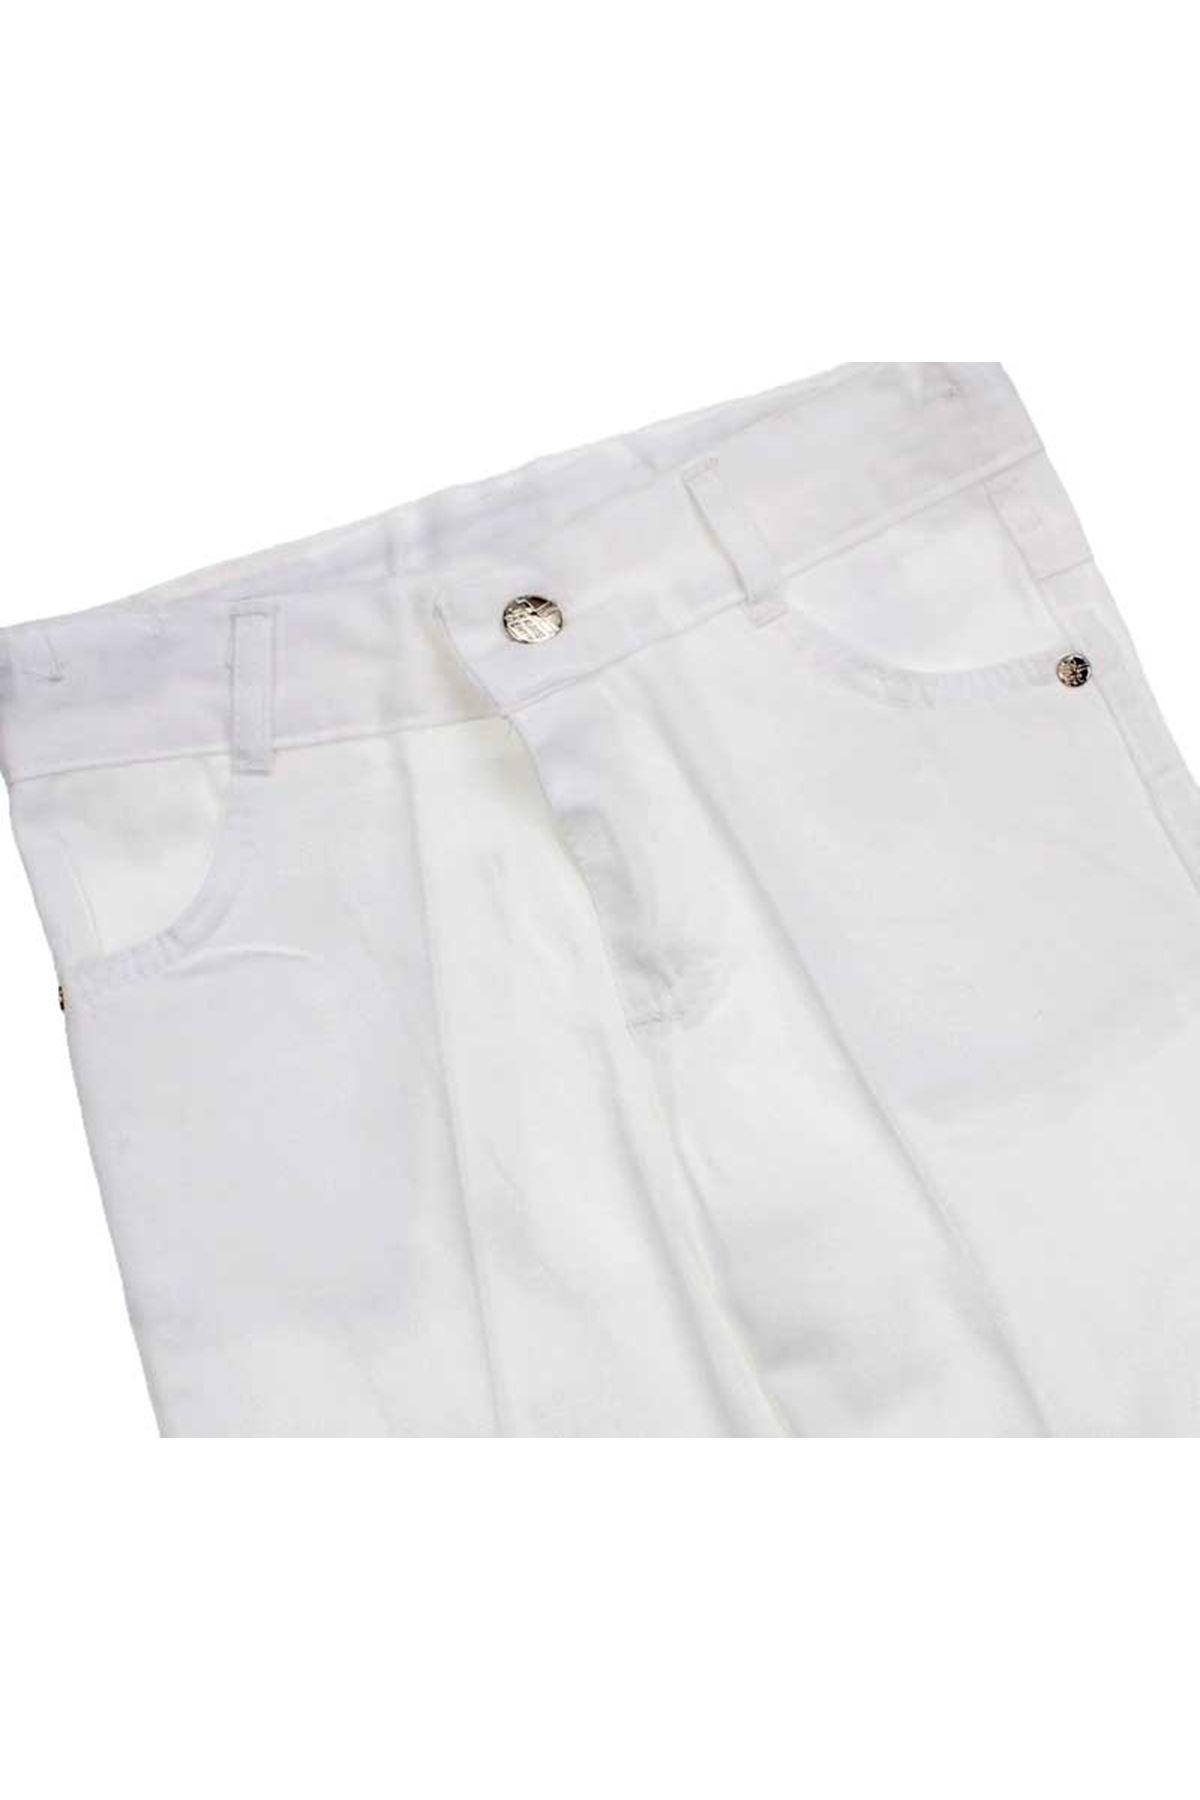 Beyaz Erkek Çocuk Keten Pantalon